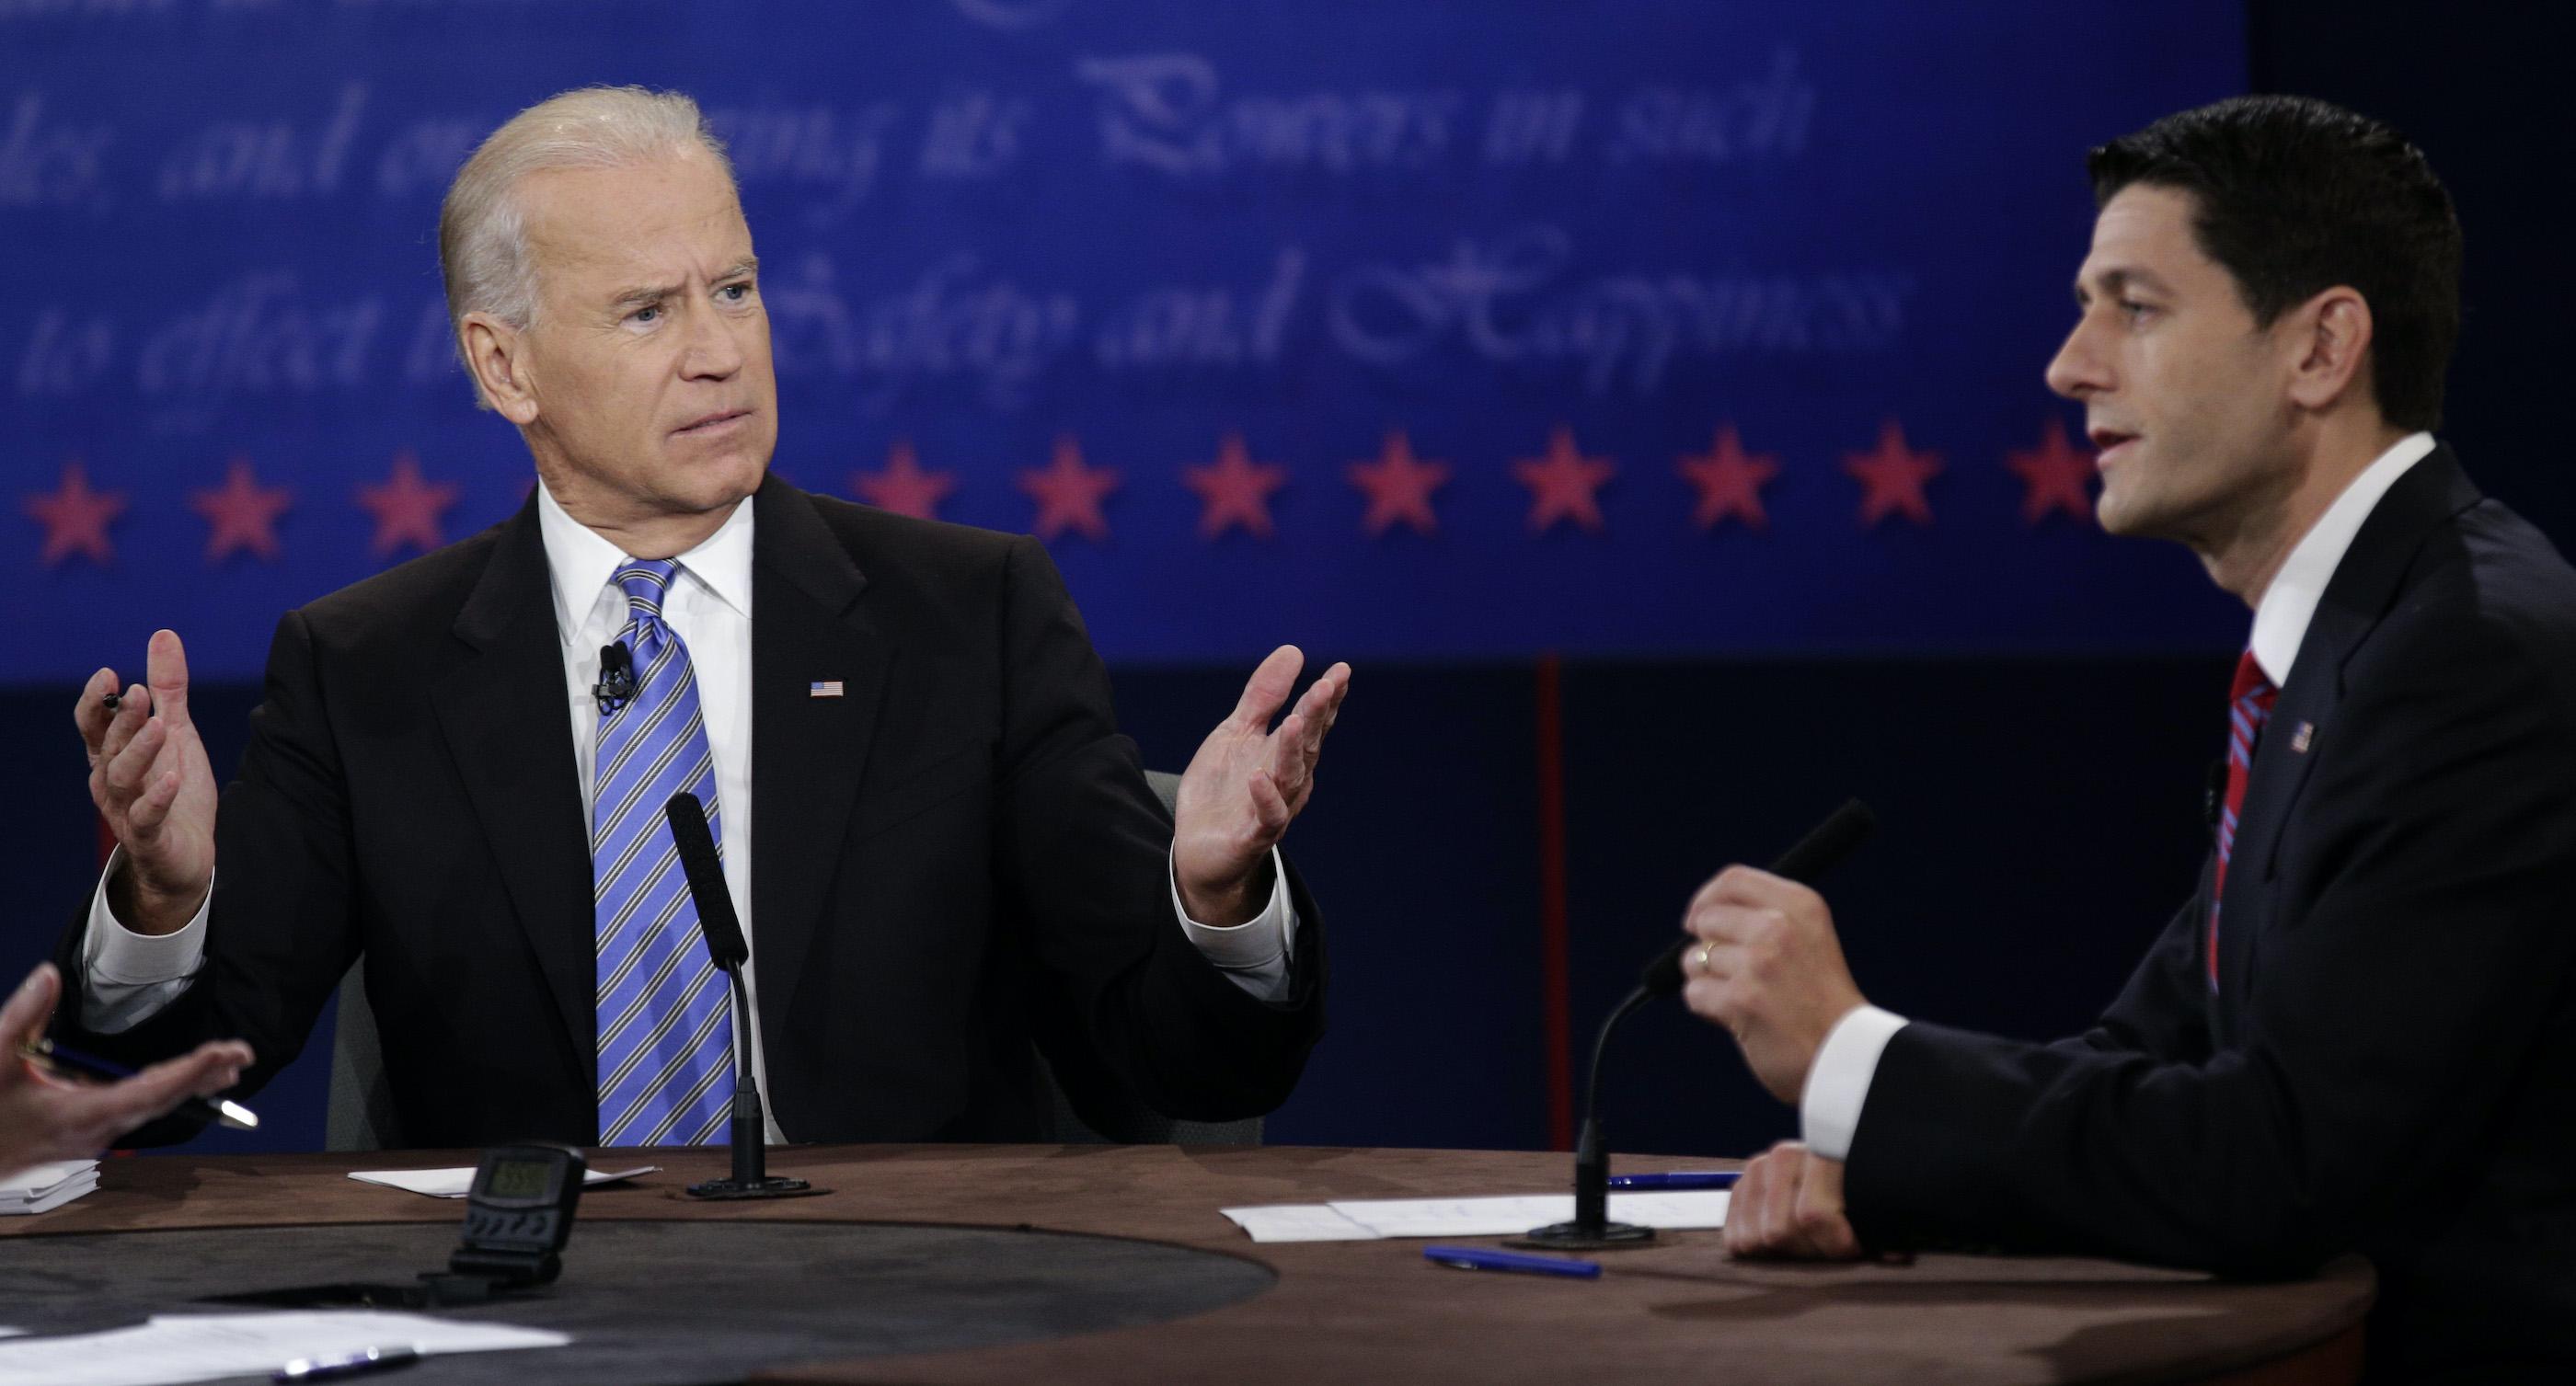 Biden vs. Ryan: The 2012 vice presidential debate